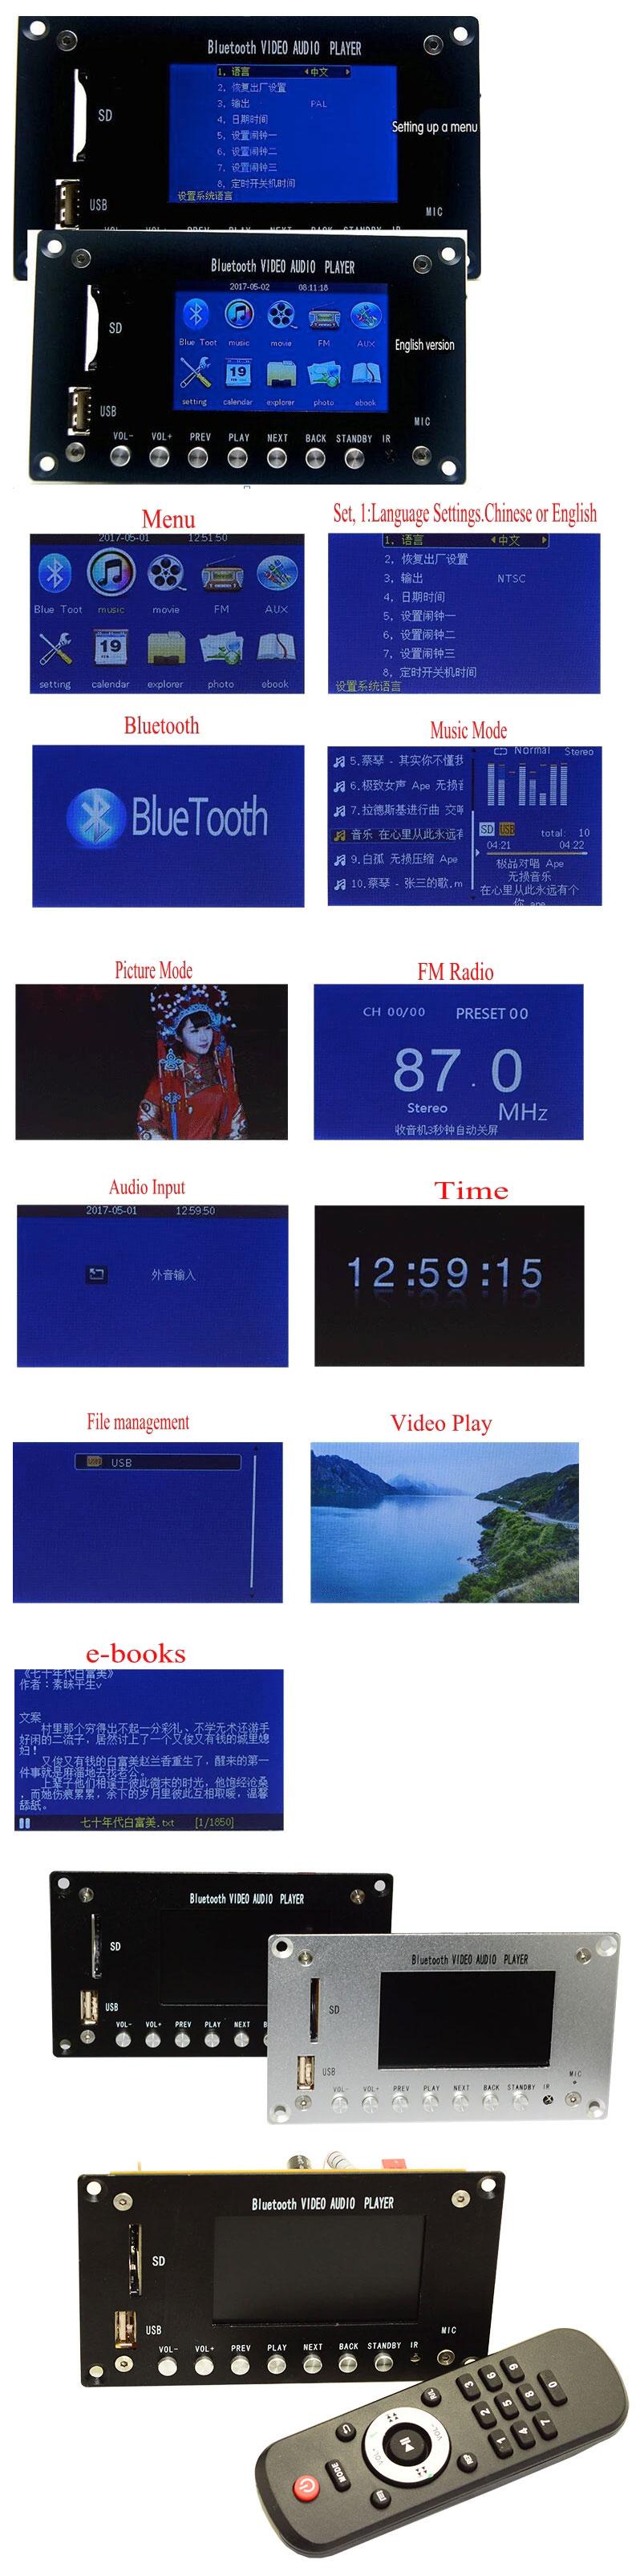 wielofunkcyjny odtwarzacz multimedialny Audio - Video CD009-V2 BTE-753